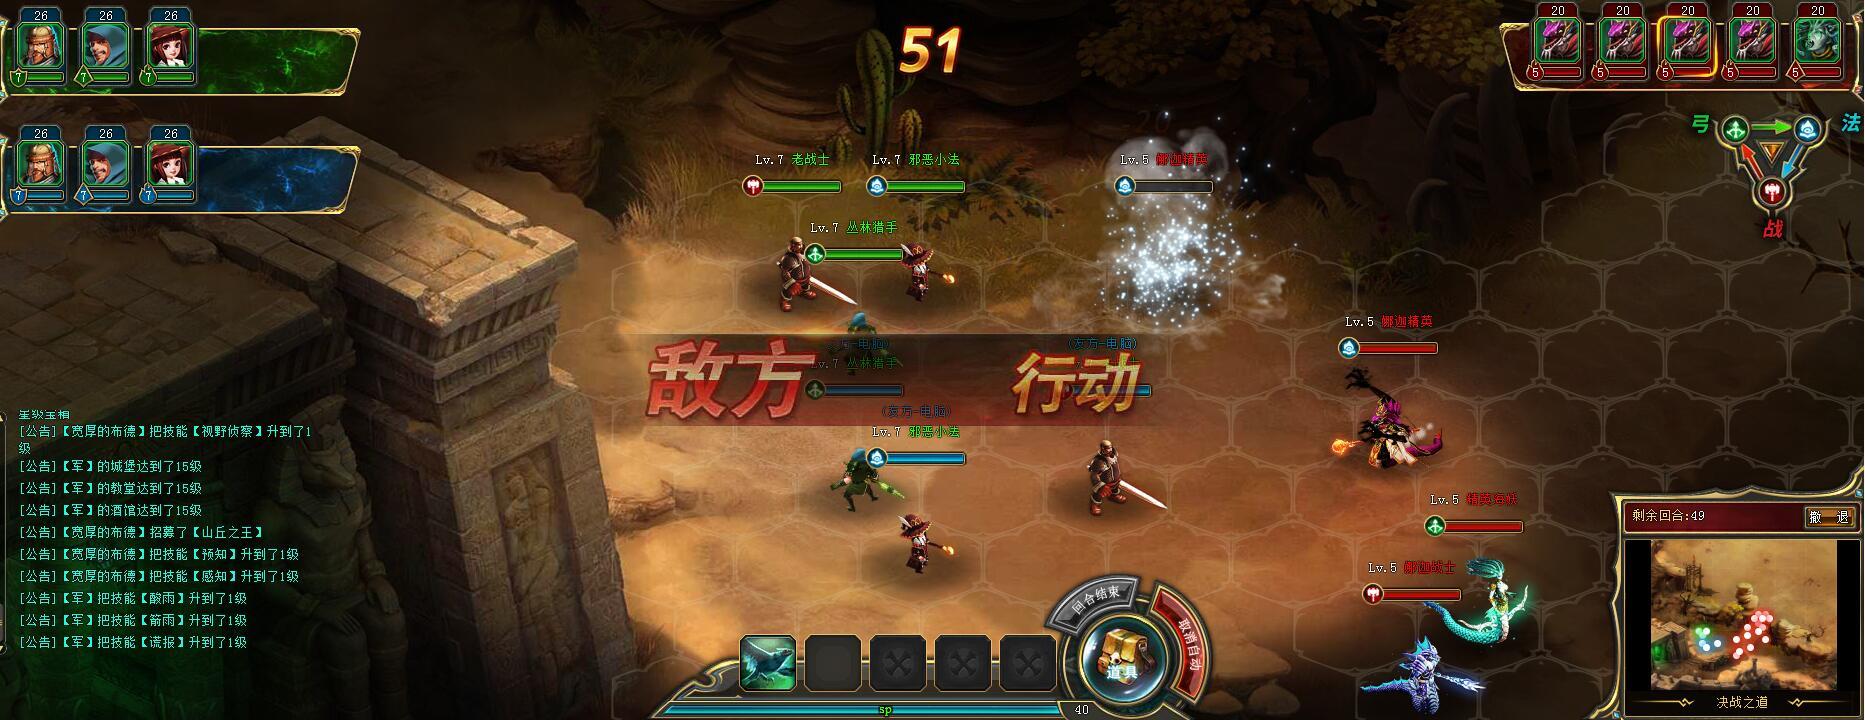 新勇者大陆游戏截图3